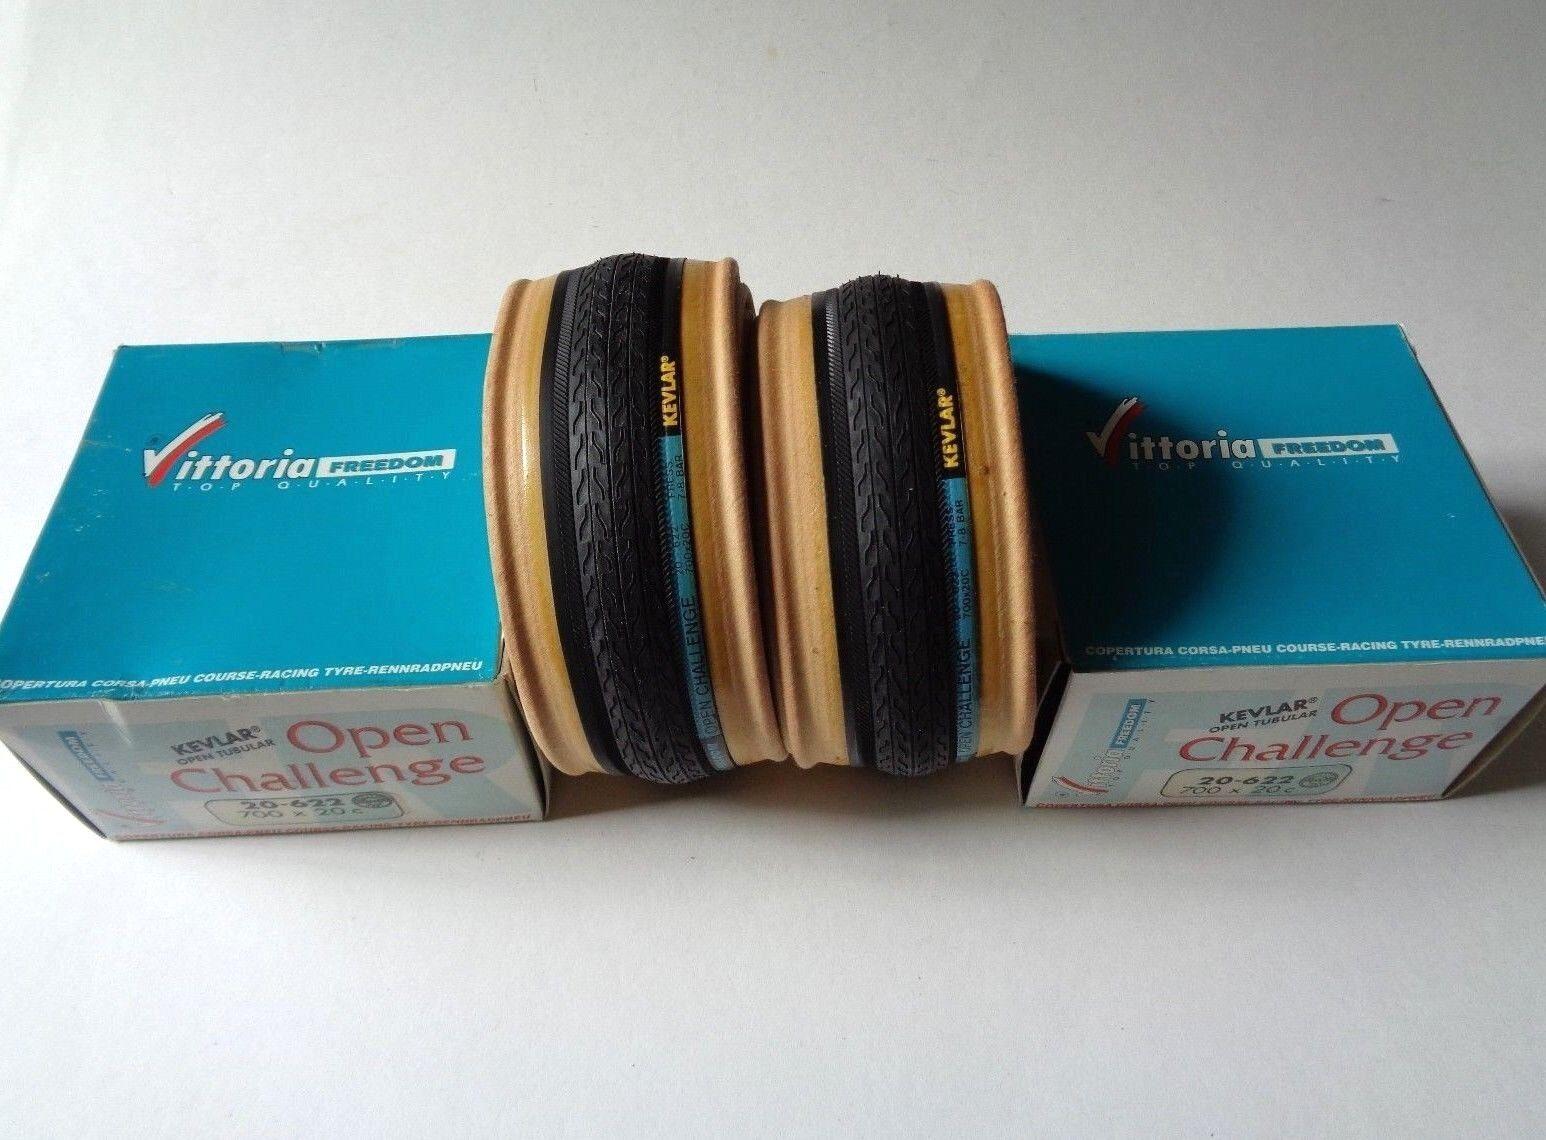 NOS Vintage VITTORIA SL FREEDOM 'OPEN CHALLANGE' 700 x 20C clincher tyres